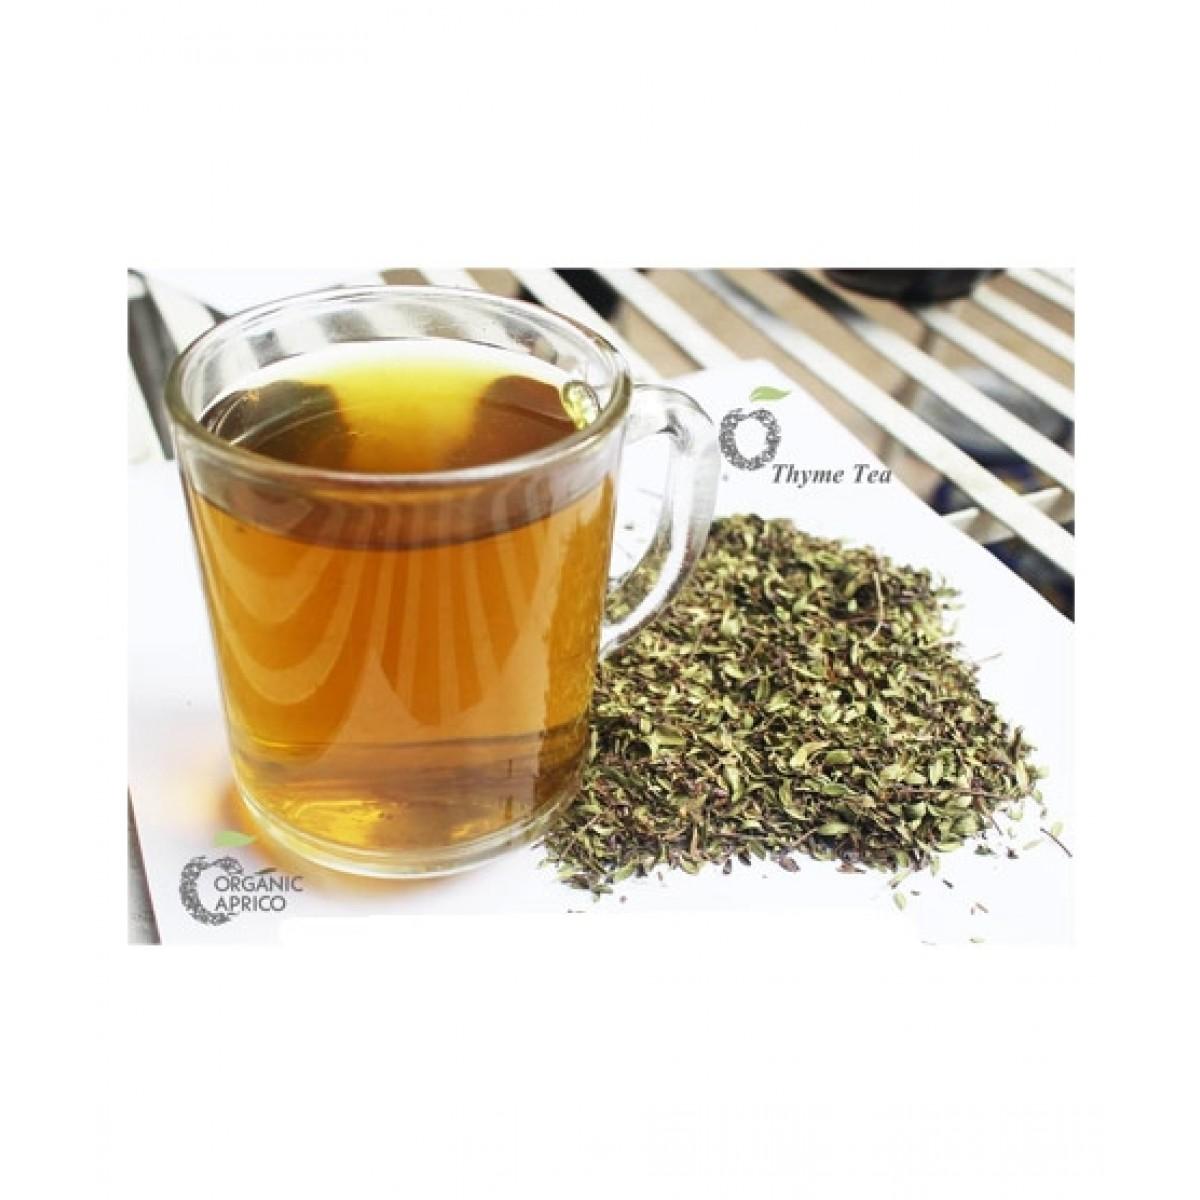 Organic Aprico Wild Thyme Tea